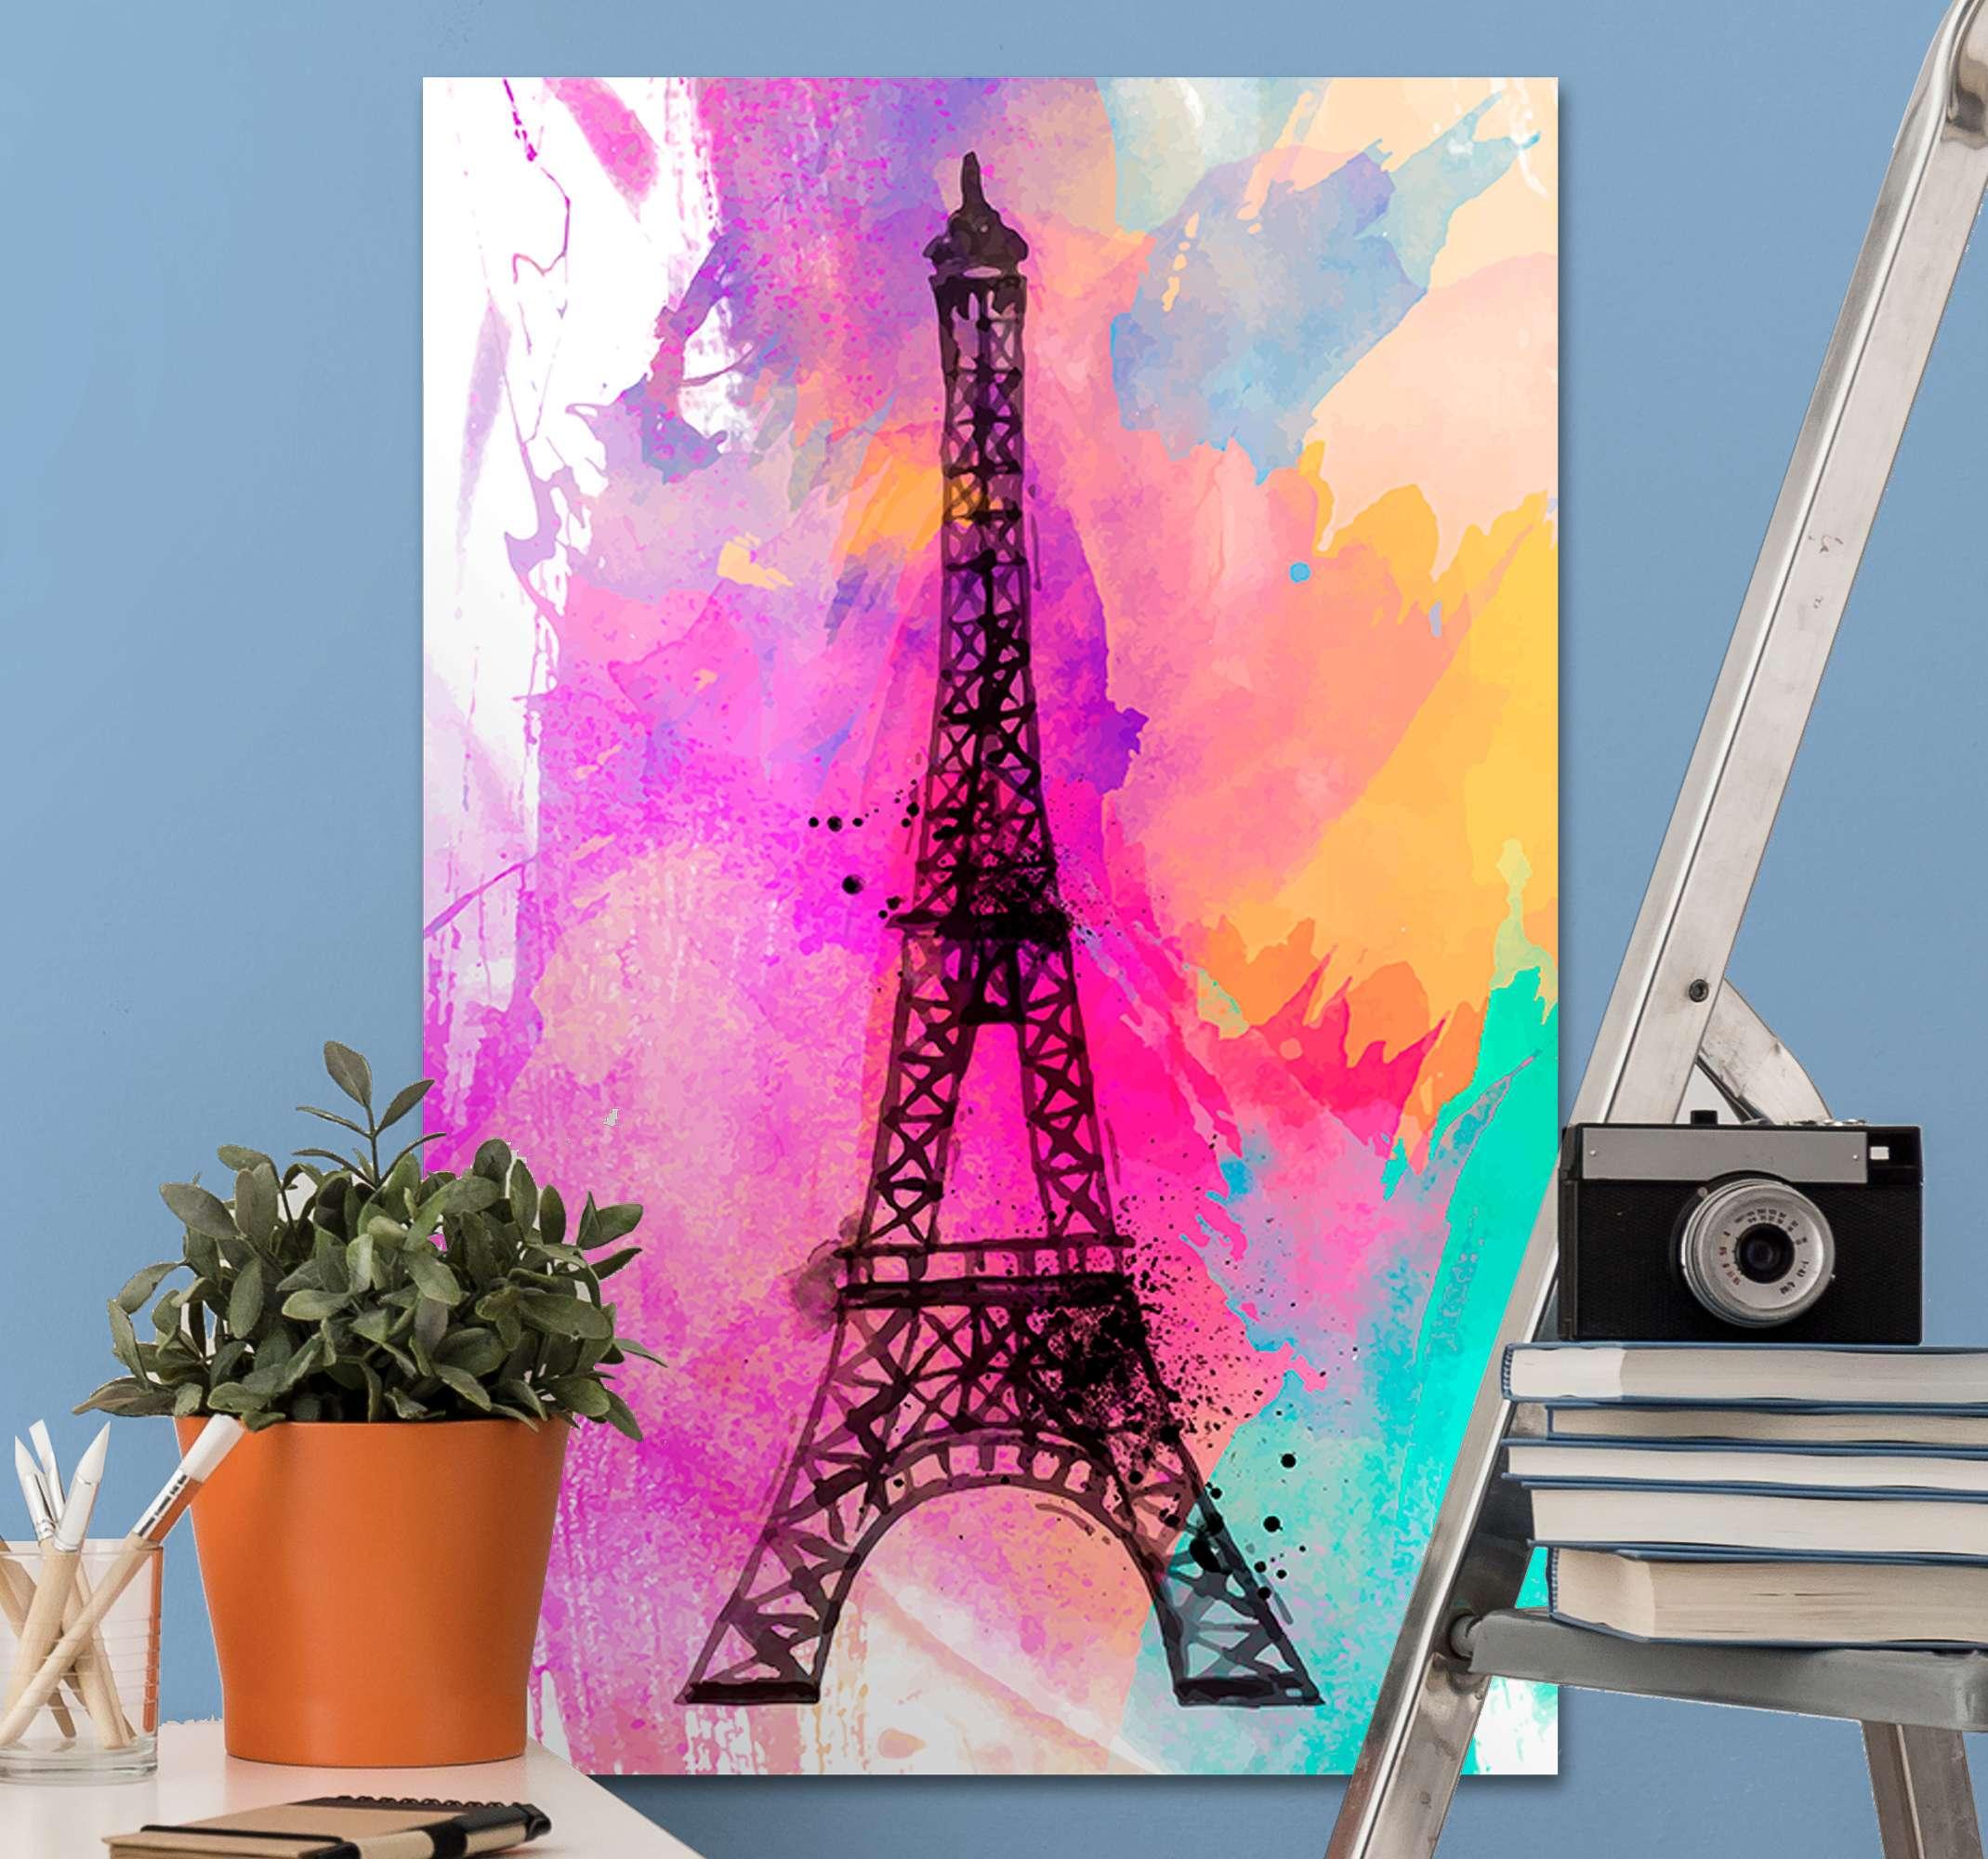 TenVinilo. Cuadro de ciudades Torre Eiffel fondo multicolor. Cuadro de ciudades con Torre Eiffel para iluminar la decoración de su hogar, oficina, sala de estar, espacio para invitados, salón, etc.